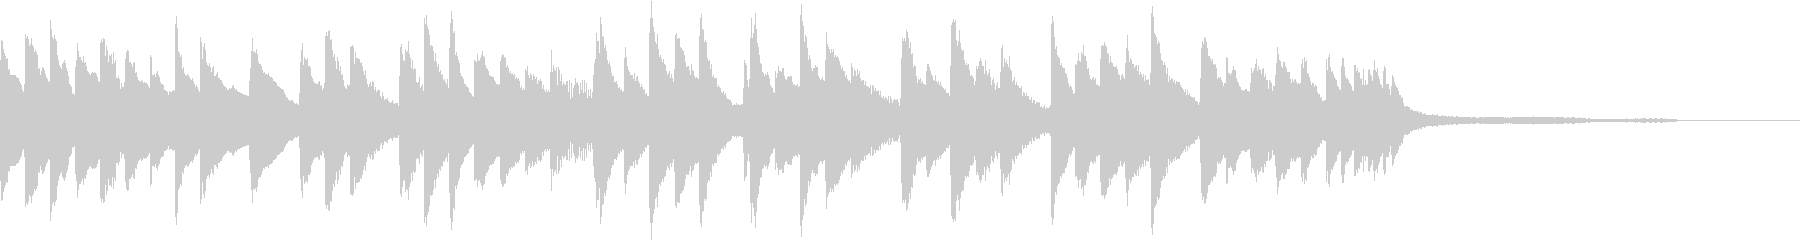 ゆったりとしたピアノジングルの未再生の波形